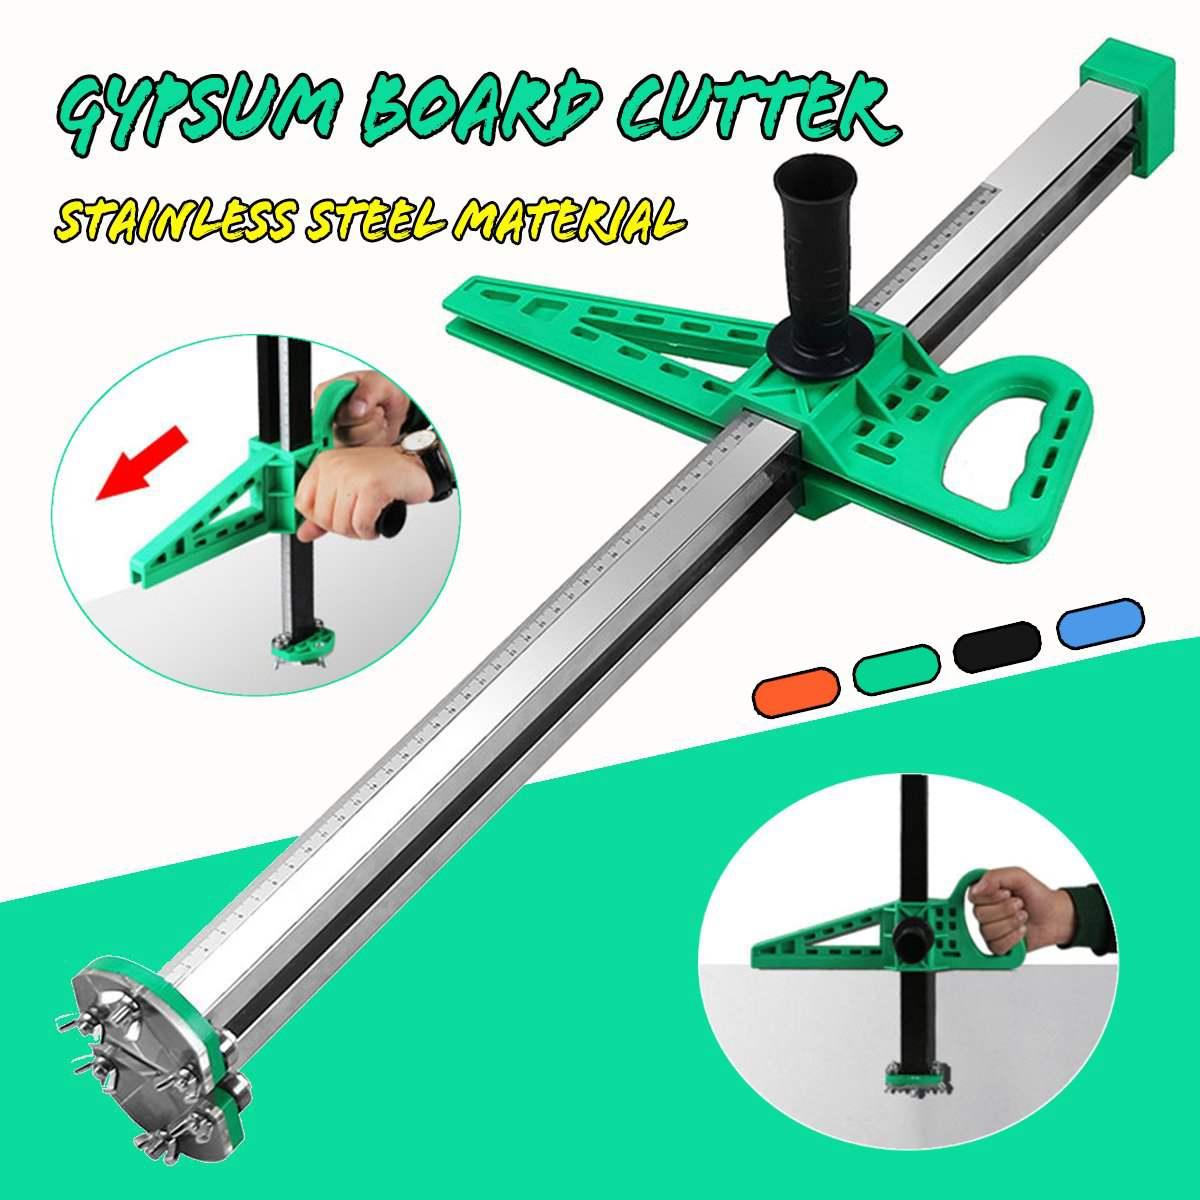 20-600mm Artefato Manual de Impulso Da Mão Cortador De Placa de Gesso Drywall Ferramenta de Madeira Placa De Corte Ferramentas Laranja/Verde /preto